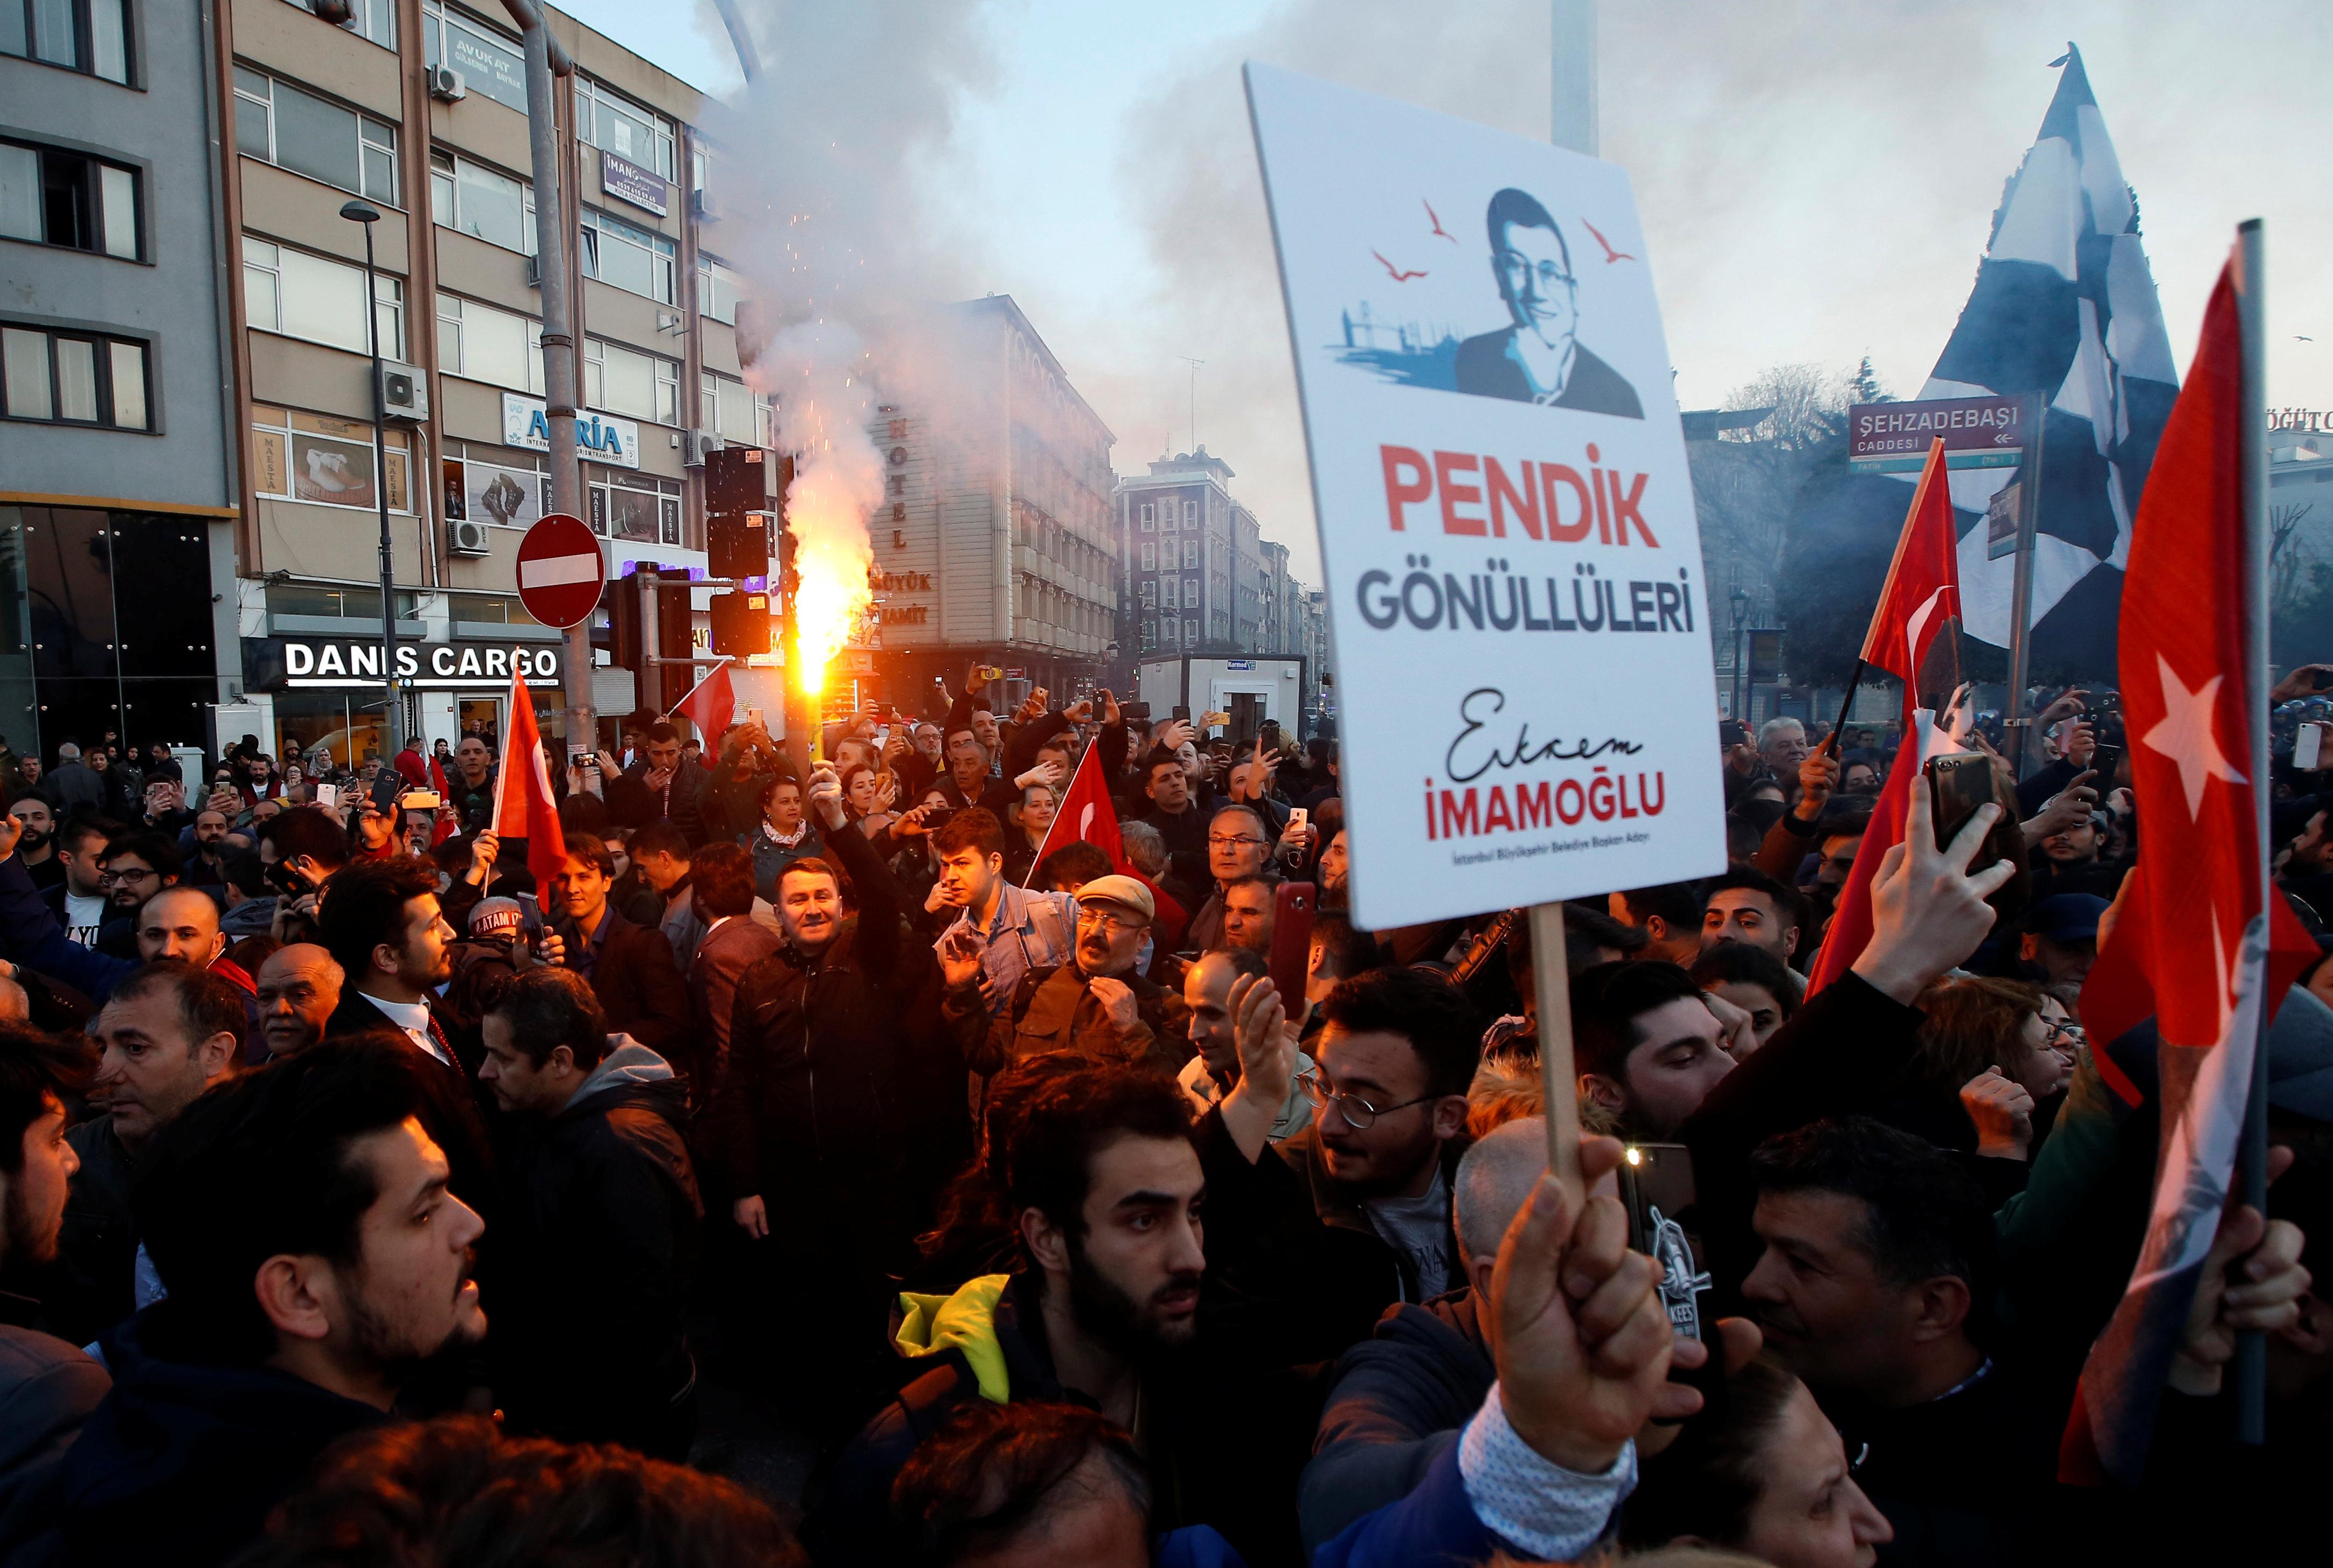 احتفالات اسطنبول بفوز مرشح المعارضة على حساب الحزب الحاكم (5)